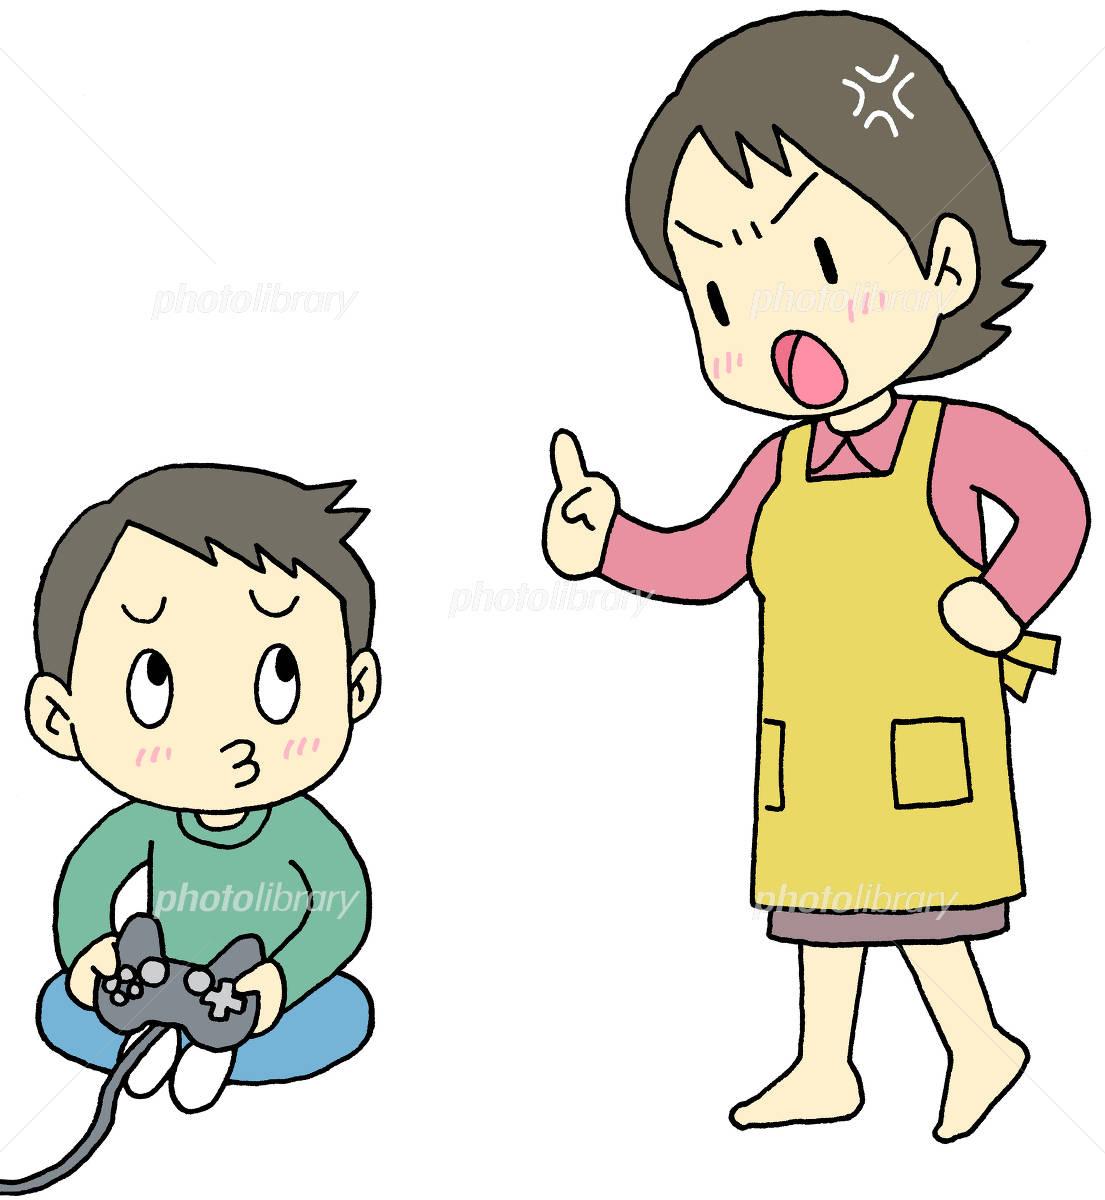 ゲームをする子供を叱る母親 イラスト素材 2361251 フォトライブ